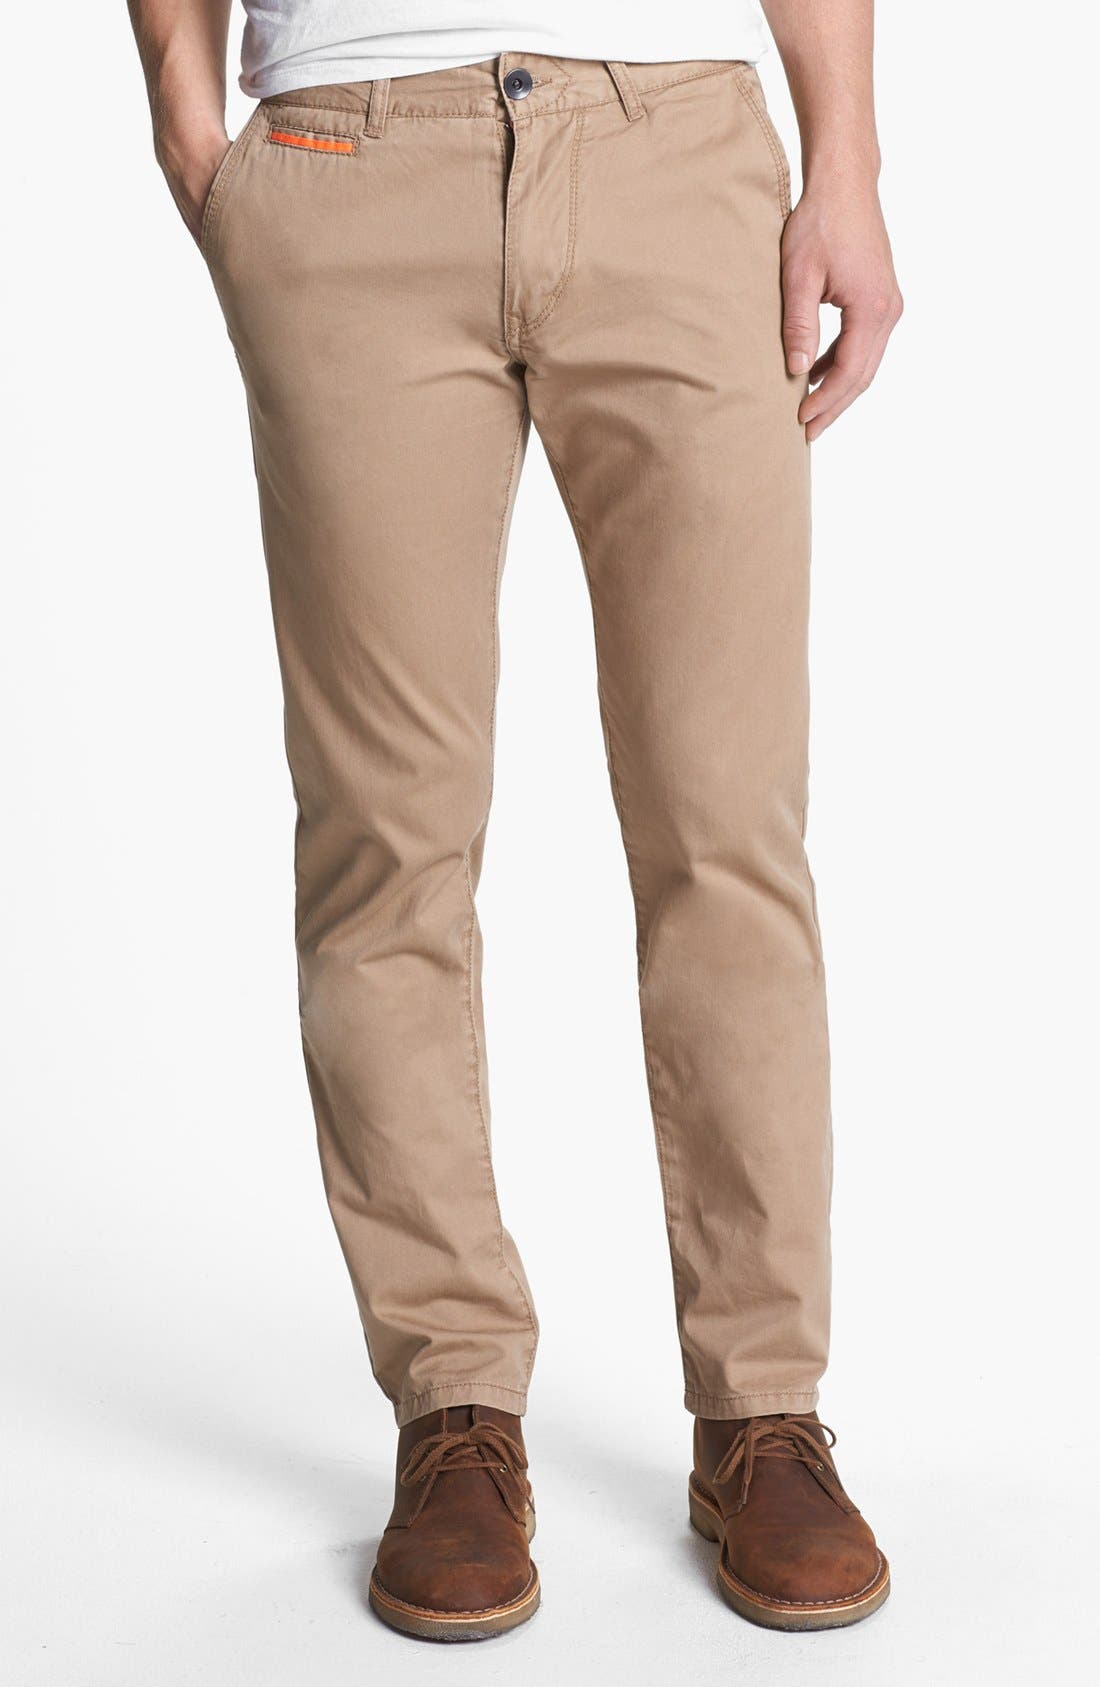 Alternate Image 1 Selected - Union 'Camano' Slim Straight Leg Chinos